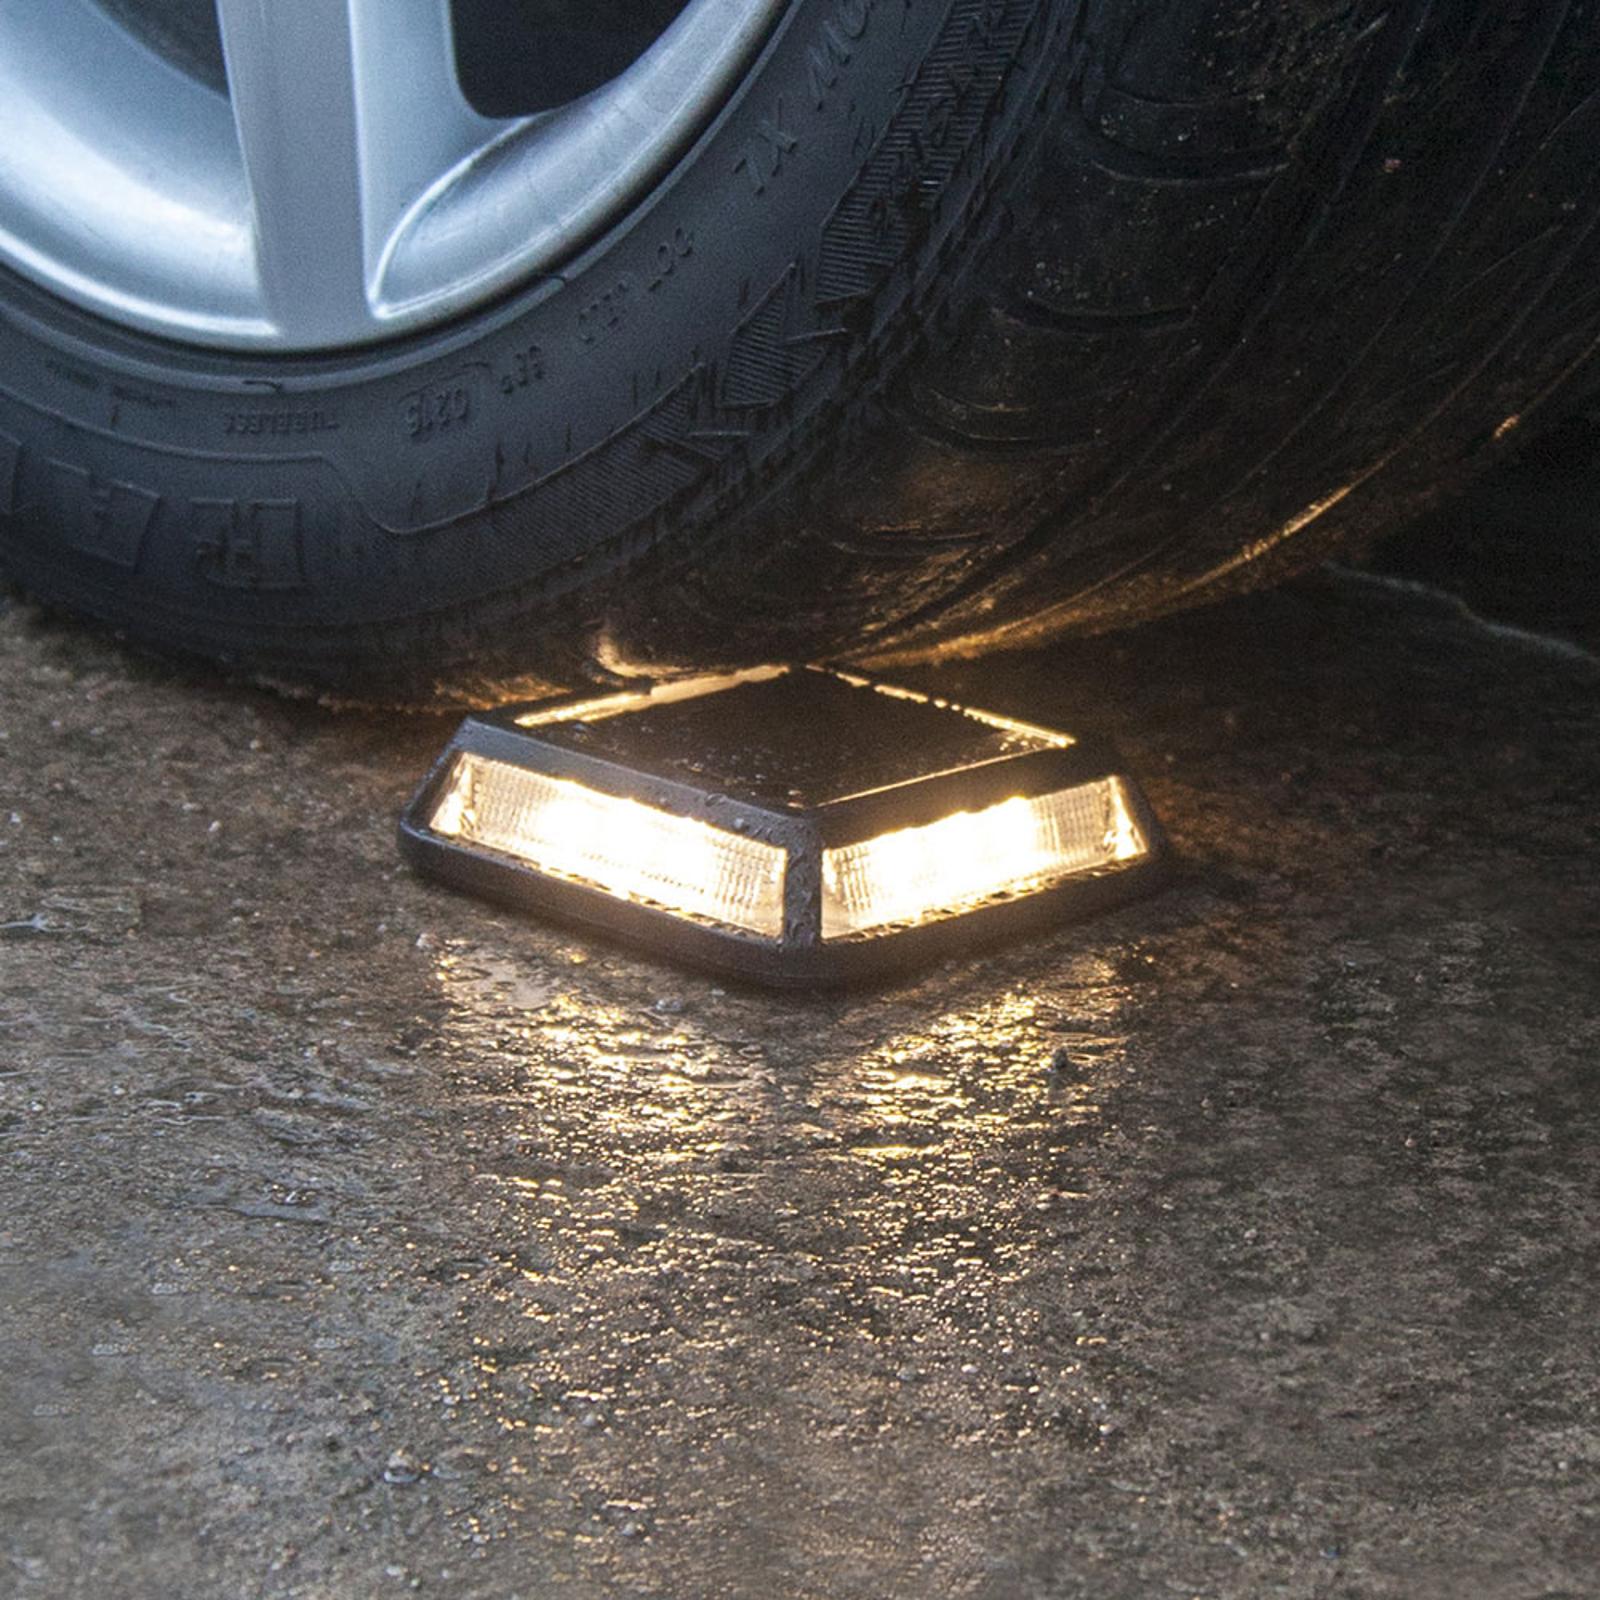 LED-Solarleuchte Driveway, bis 3.000 kg belastbar